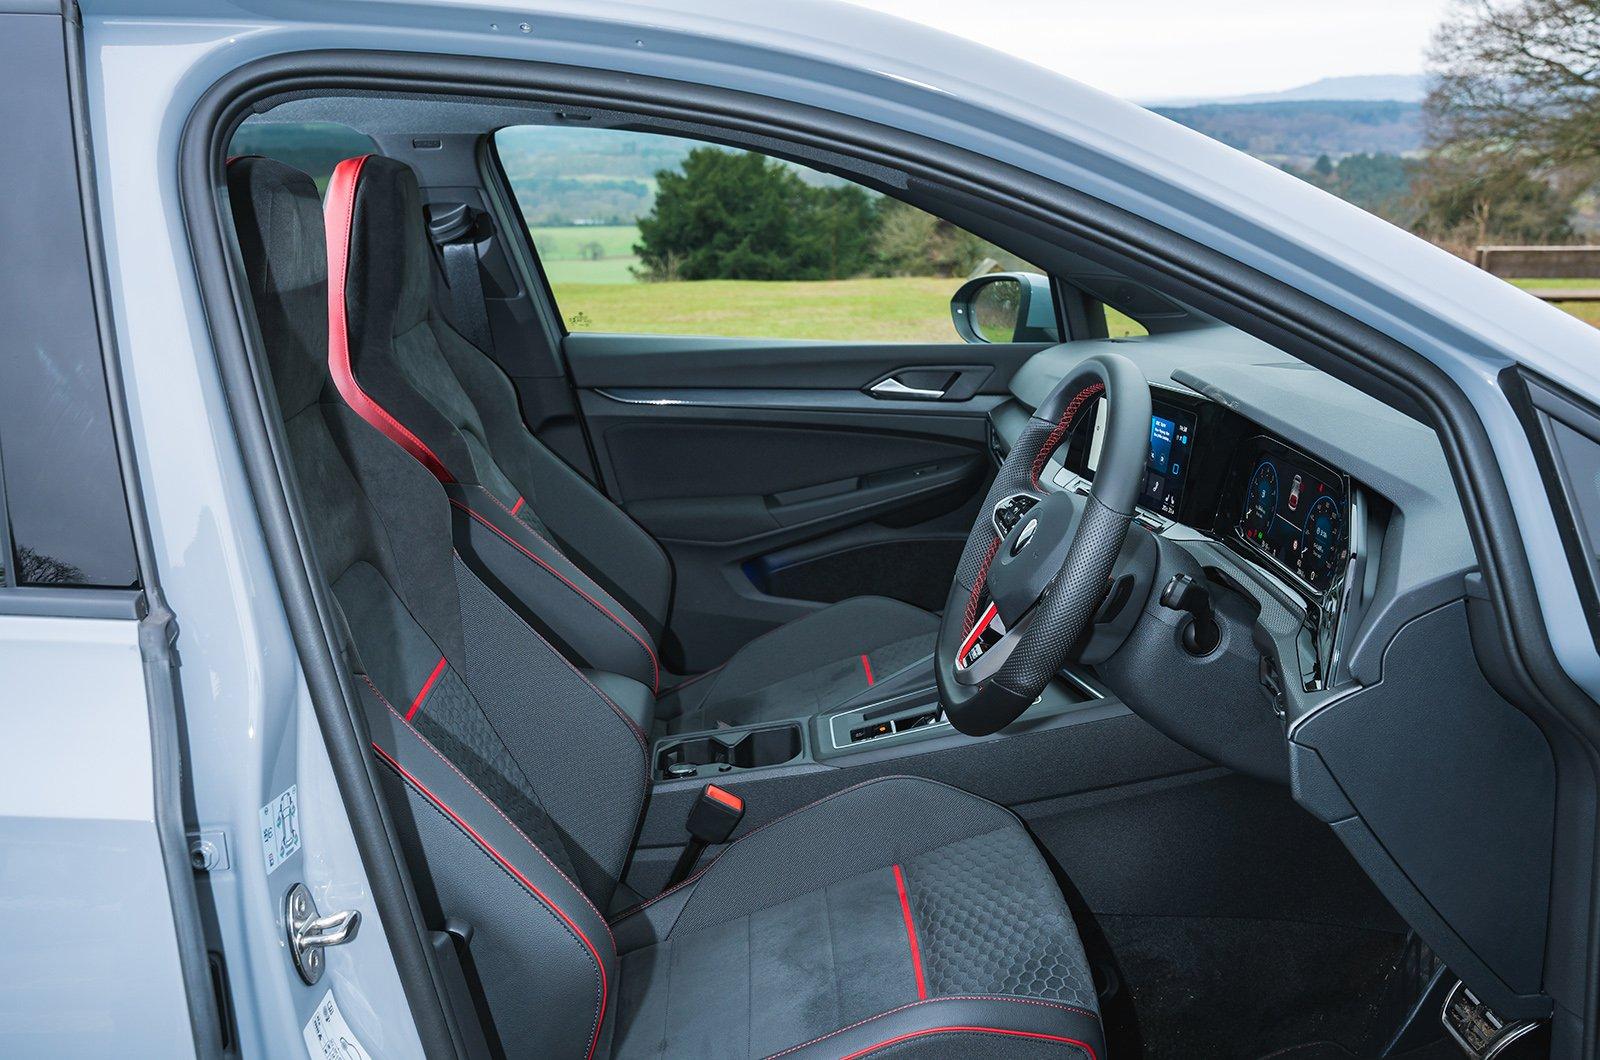 Volkswagen Golf GTI Clubsport front seats